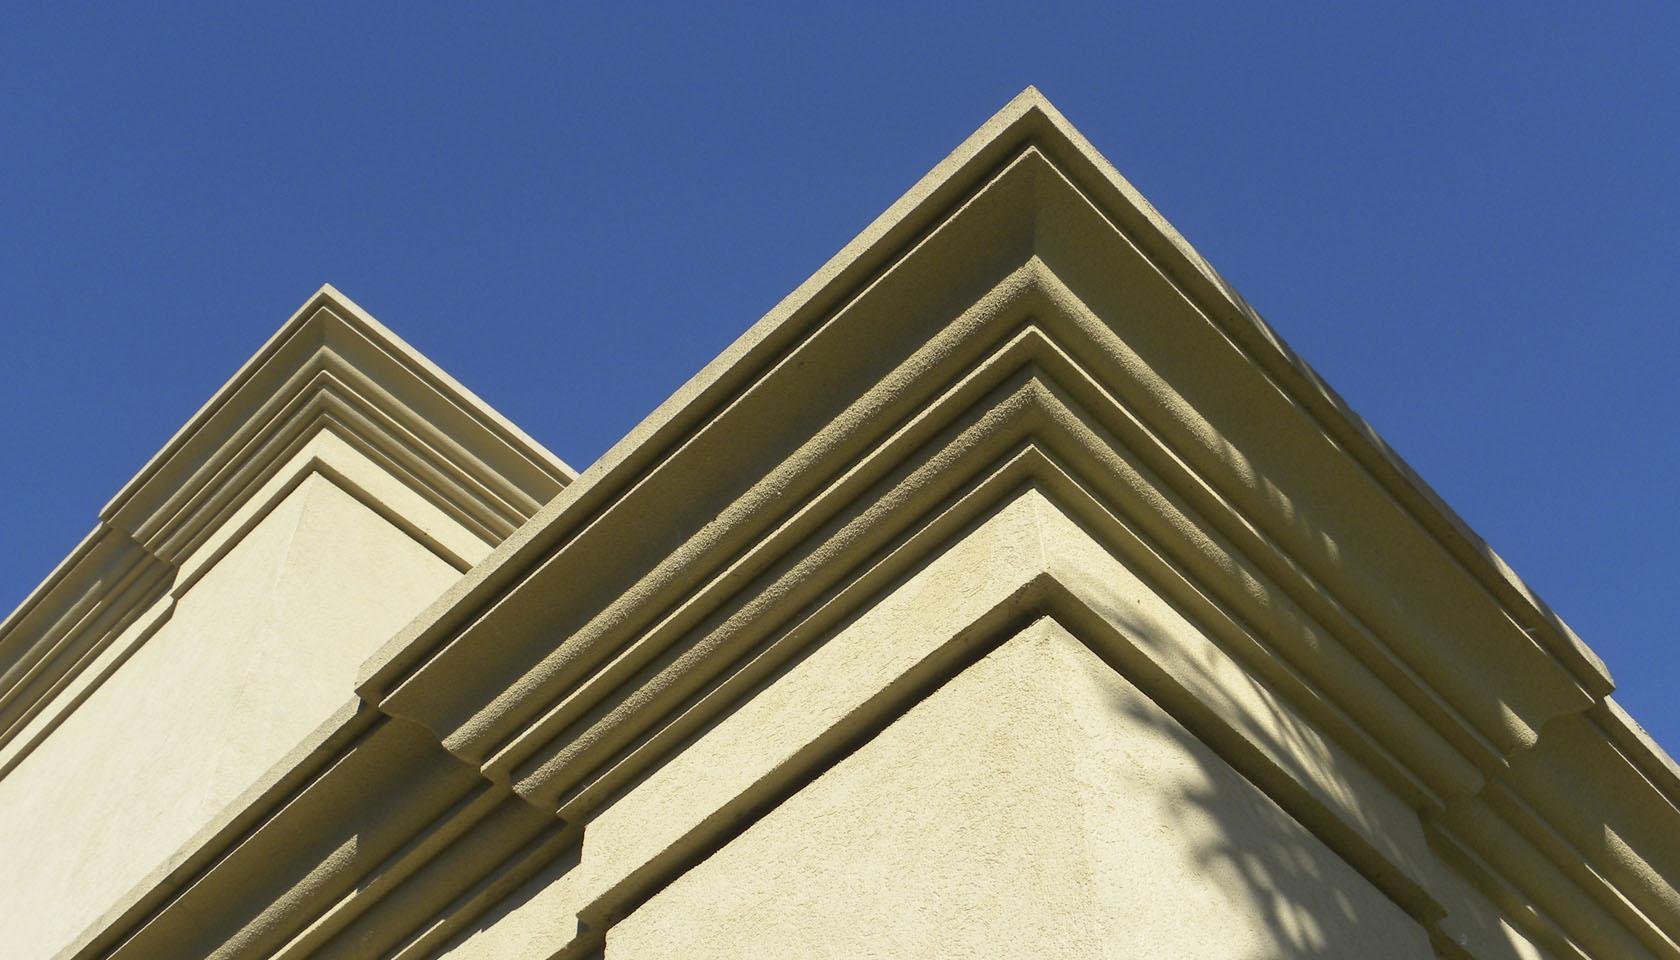 casas con ornamento, decoración en fachada clásica, líneas de ornamento